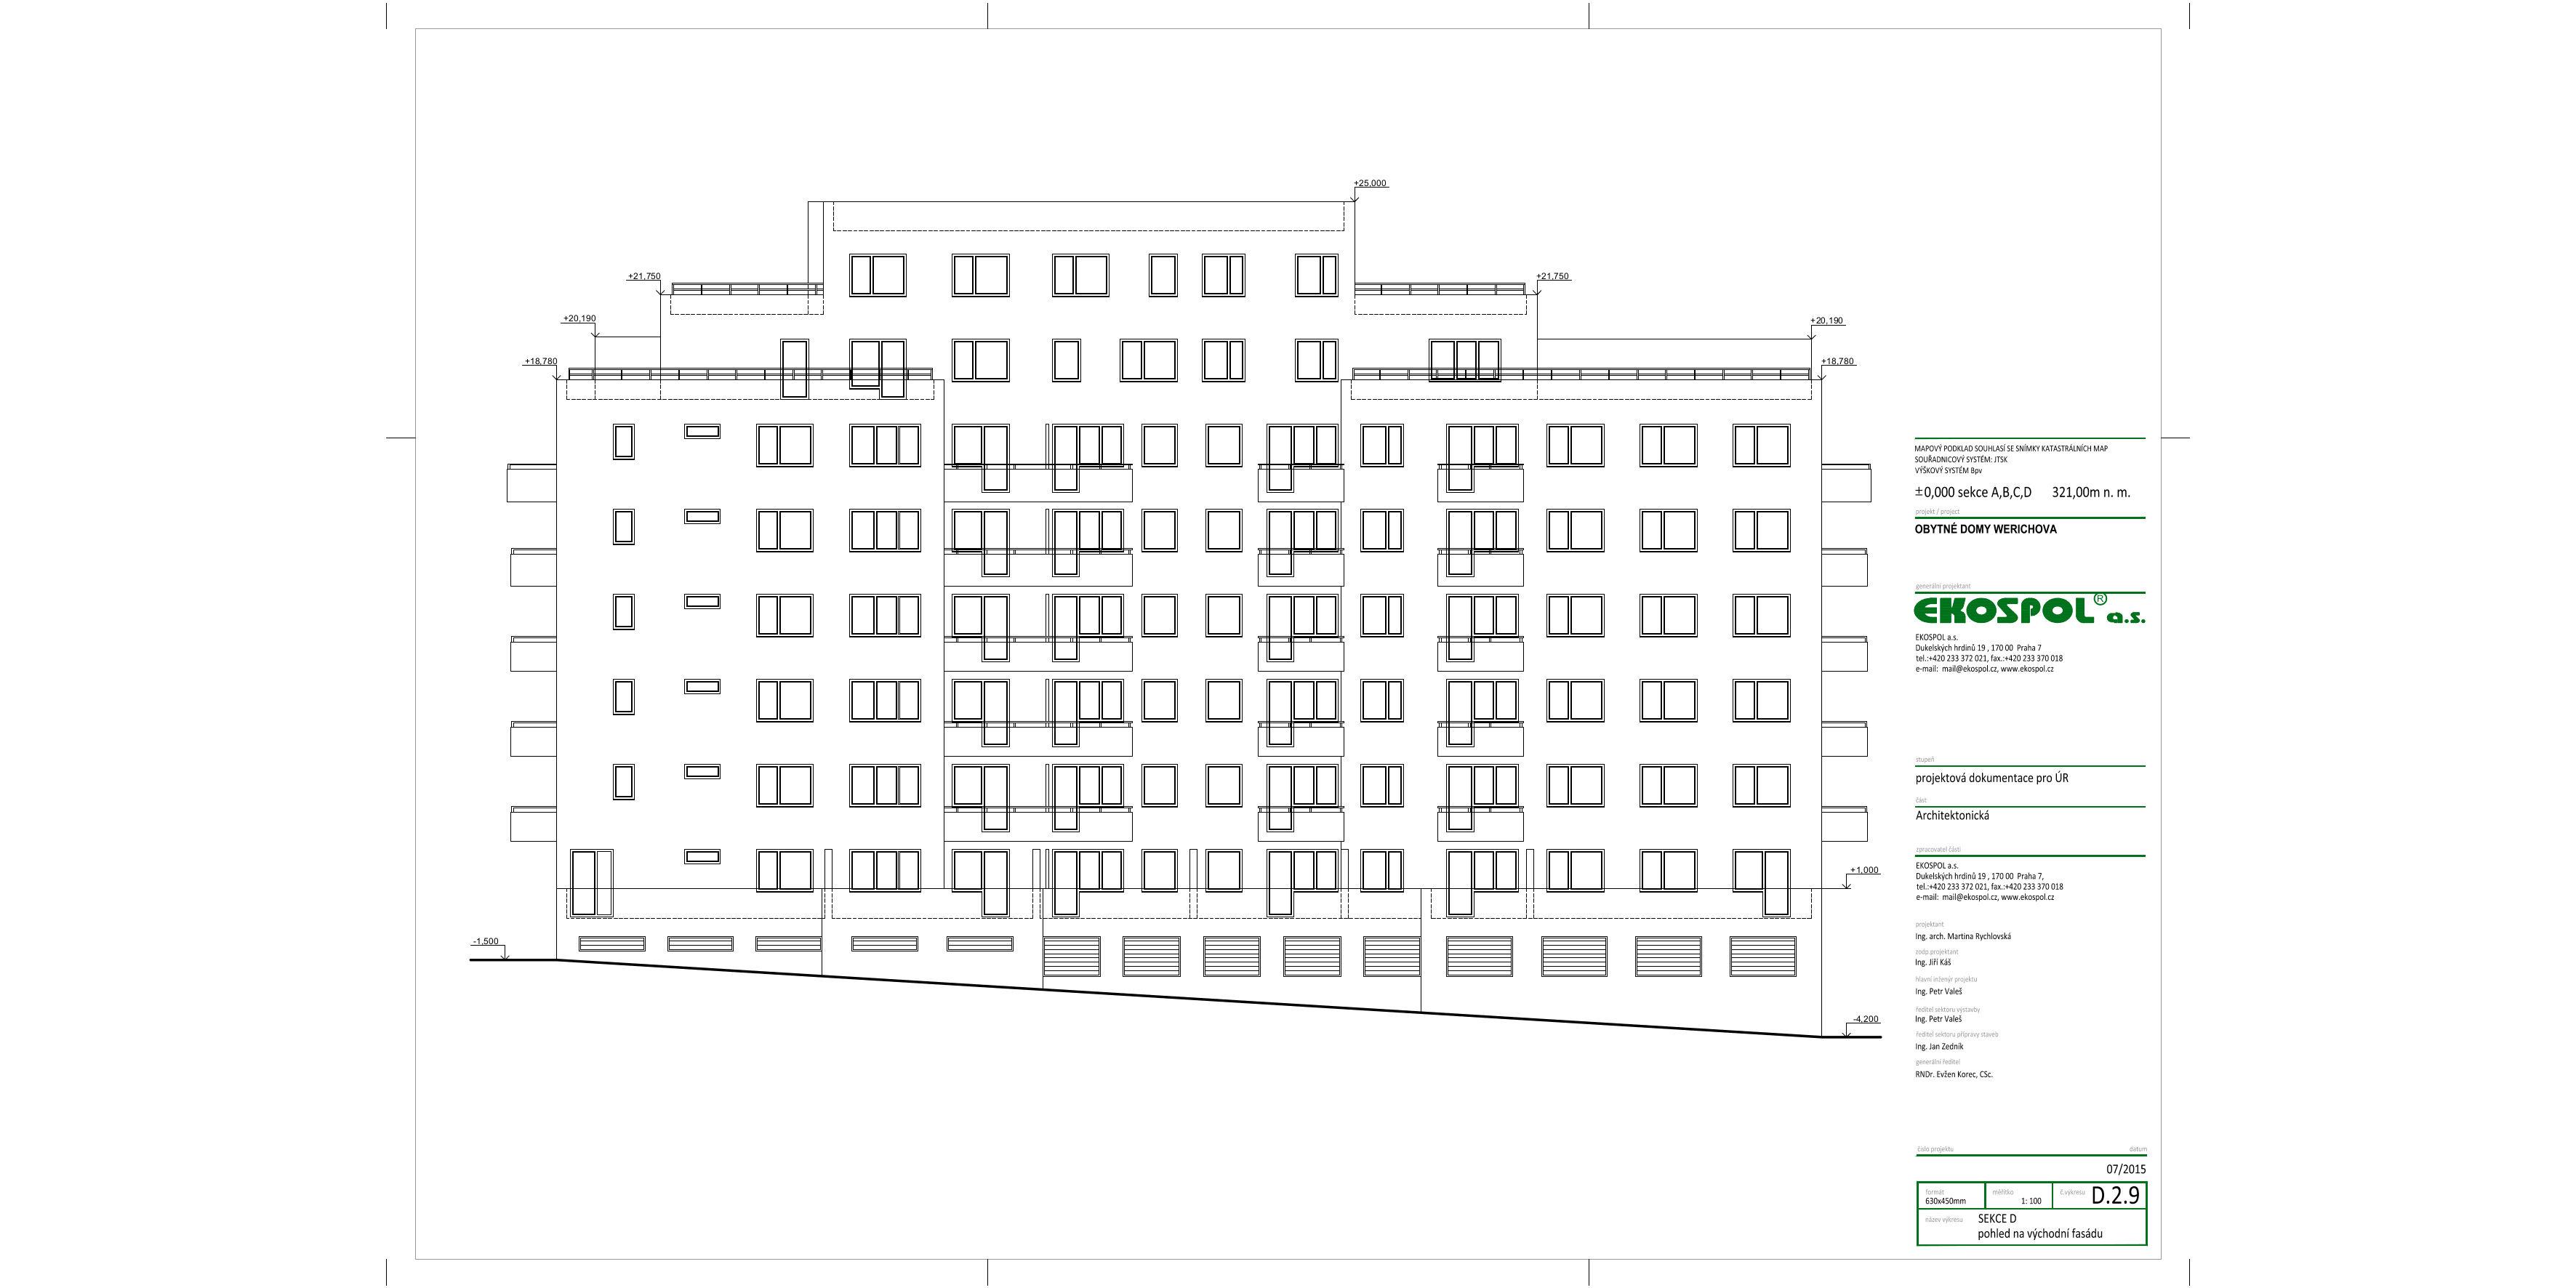 Obytné domy Werichova - pohled - východní fasáda (zdroj: dokumentace Ekospolu)